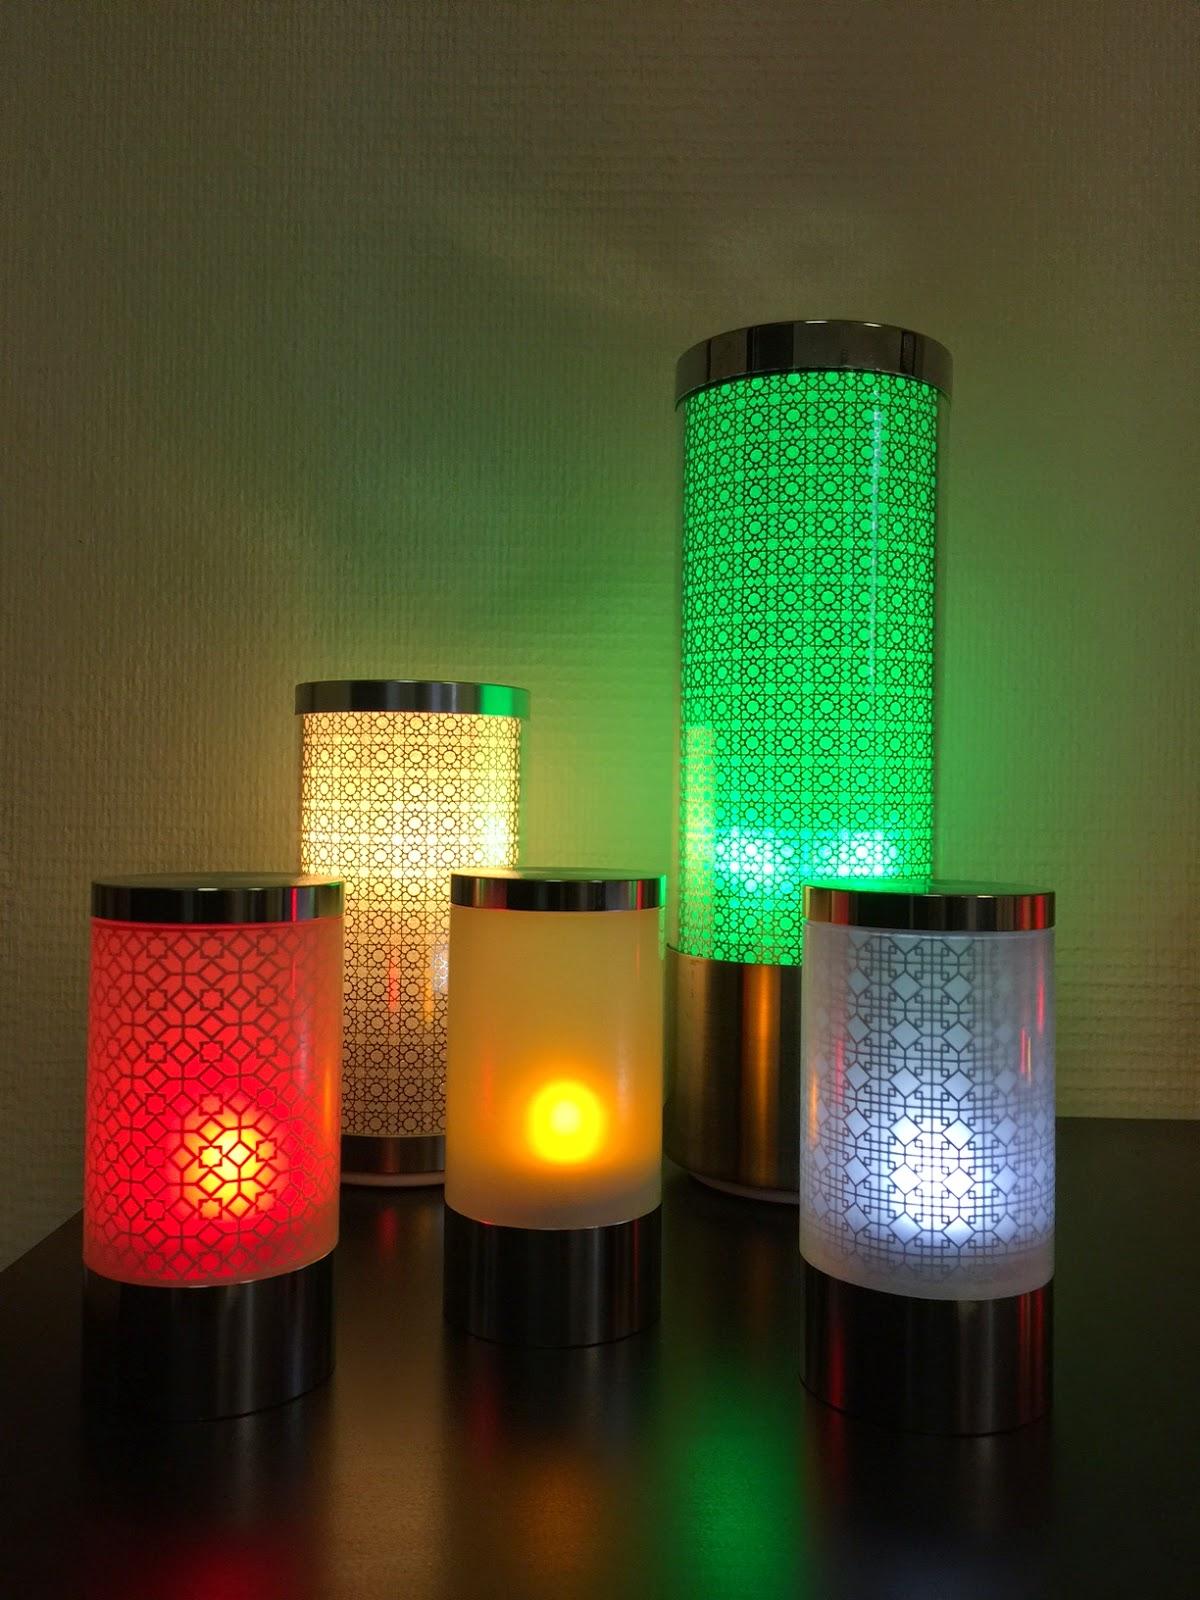 midlightsun lampes de table led sans fil rechargeables mars 2015. Black Bedroom Furniture Sets. Home Design Ideas